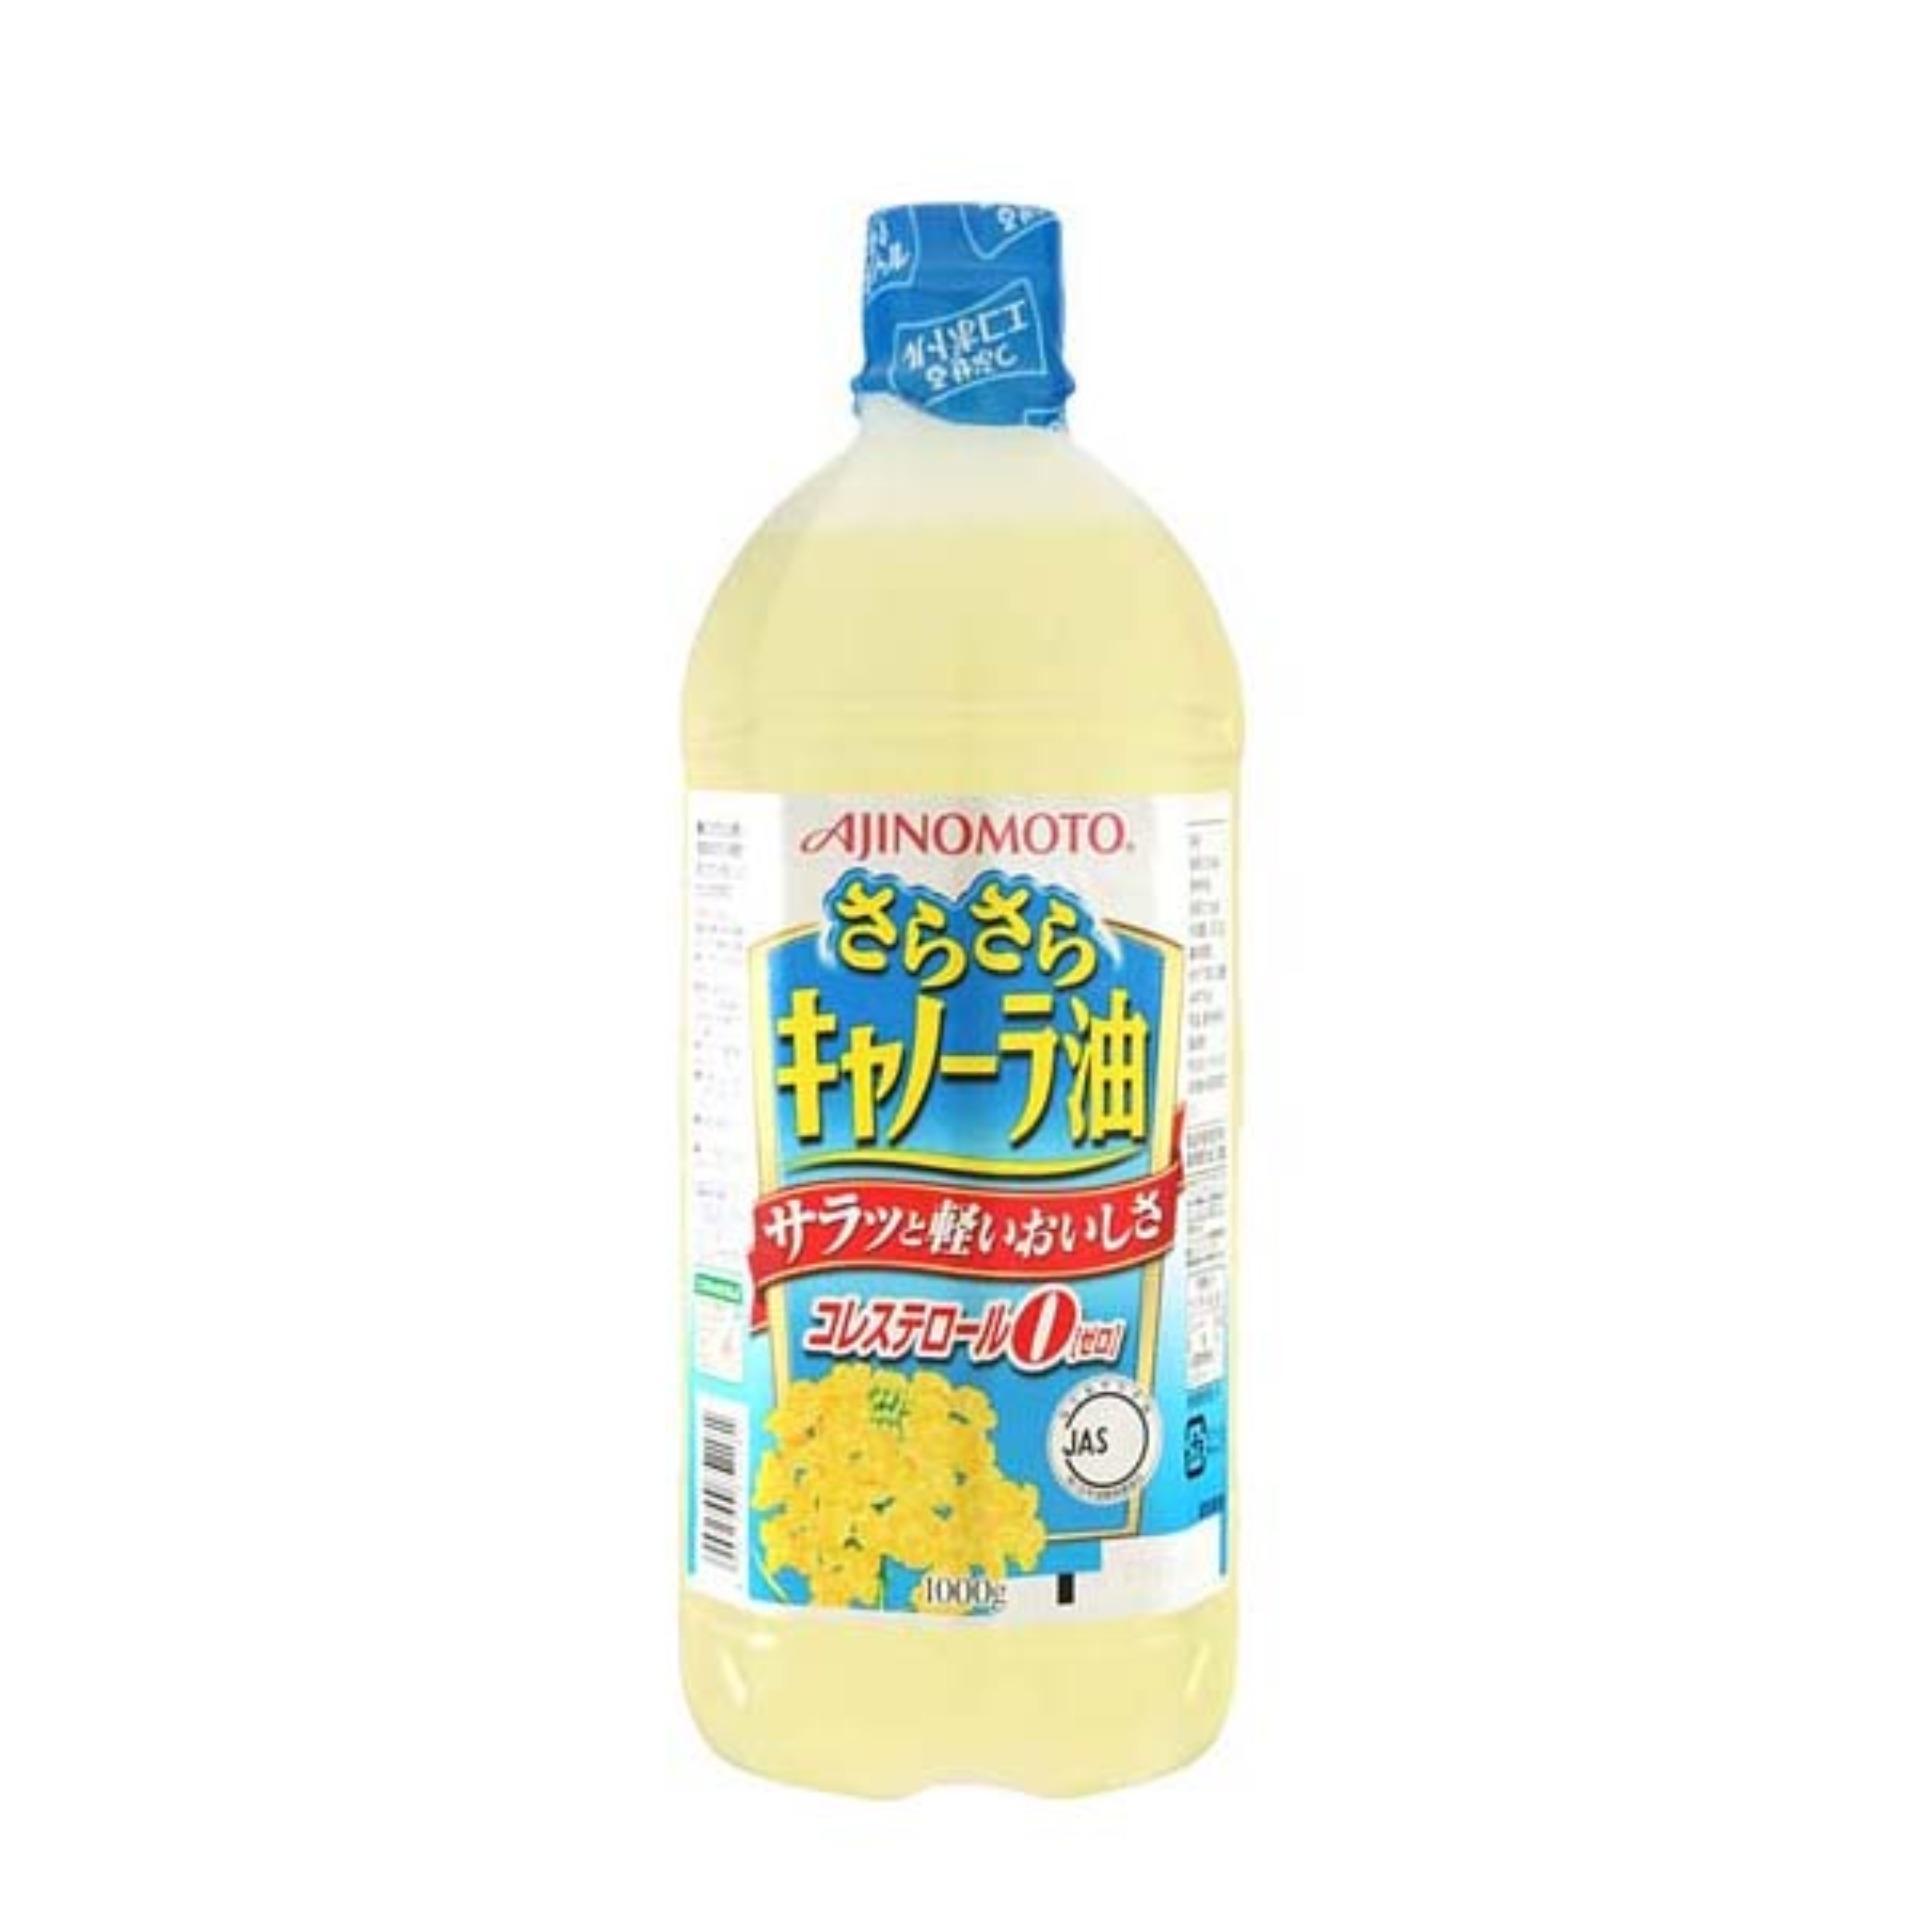 Tư vấn mua Dầu ăn hoa cải Ajinomoto nội địa Nhật Bản (1000ml)